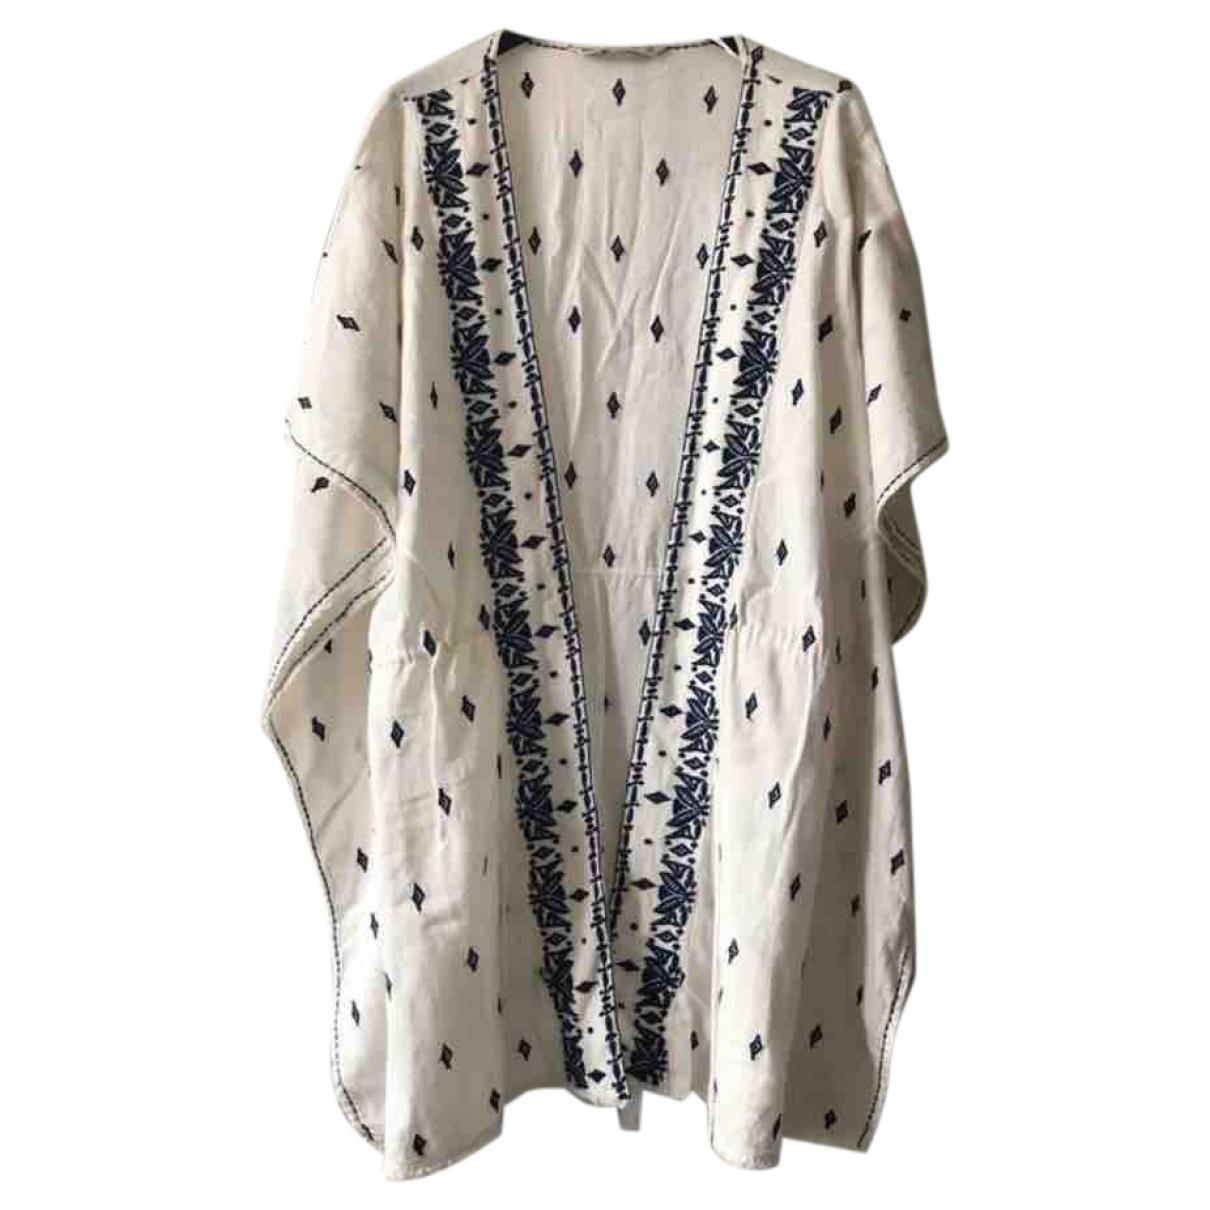 Zara \N Beige Cotton jacket for Women 38 FR